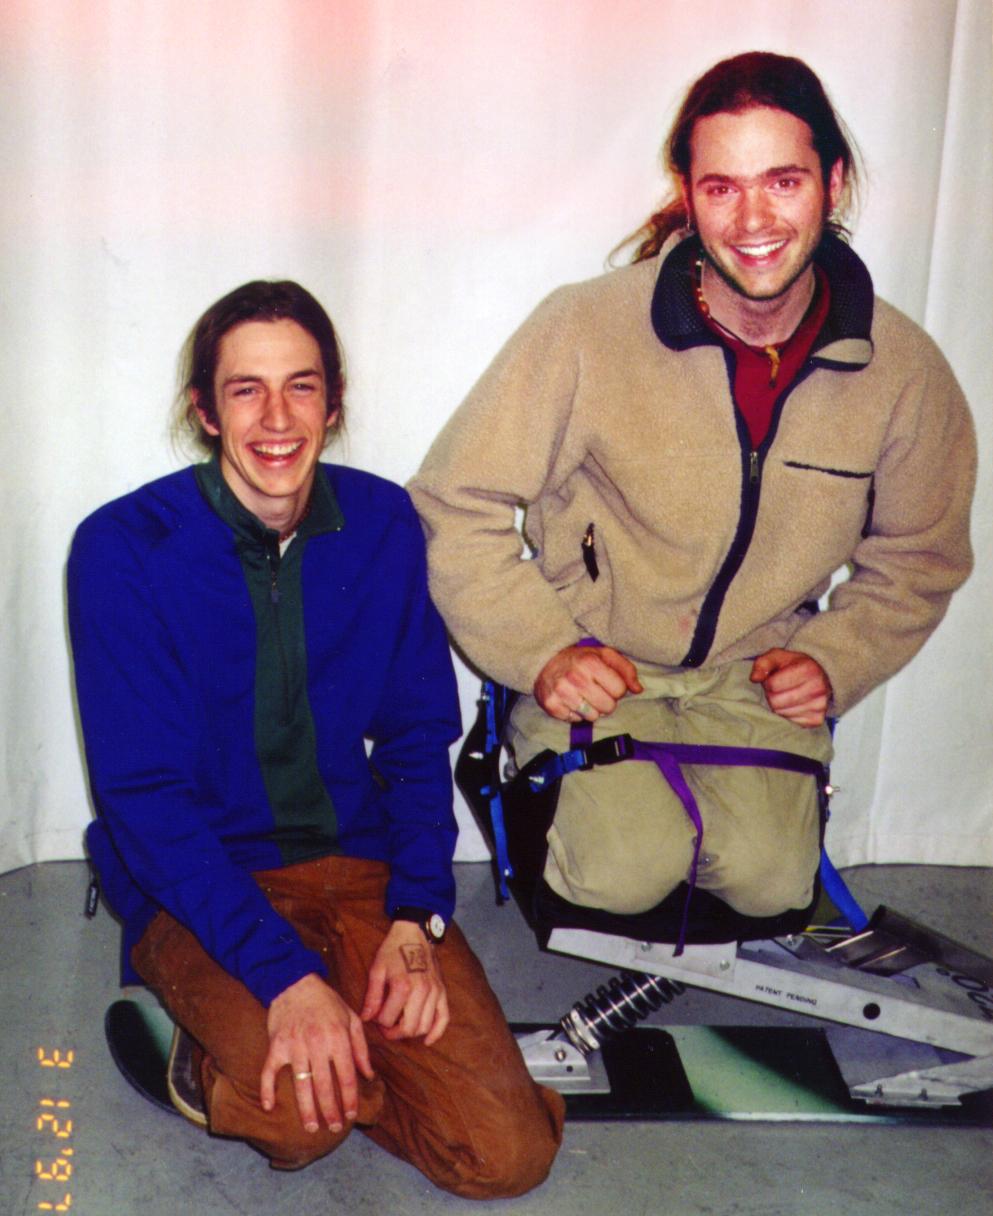 Matt Capozzi and Nate Connolly